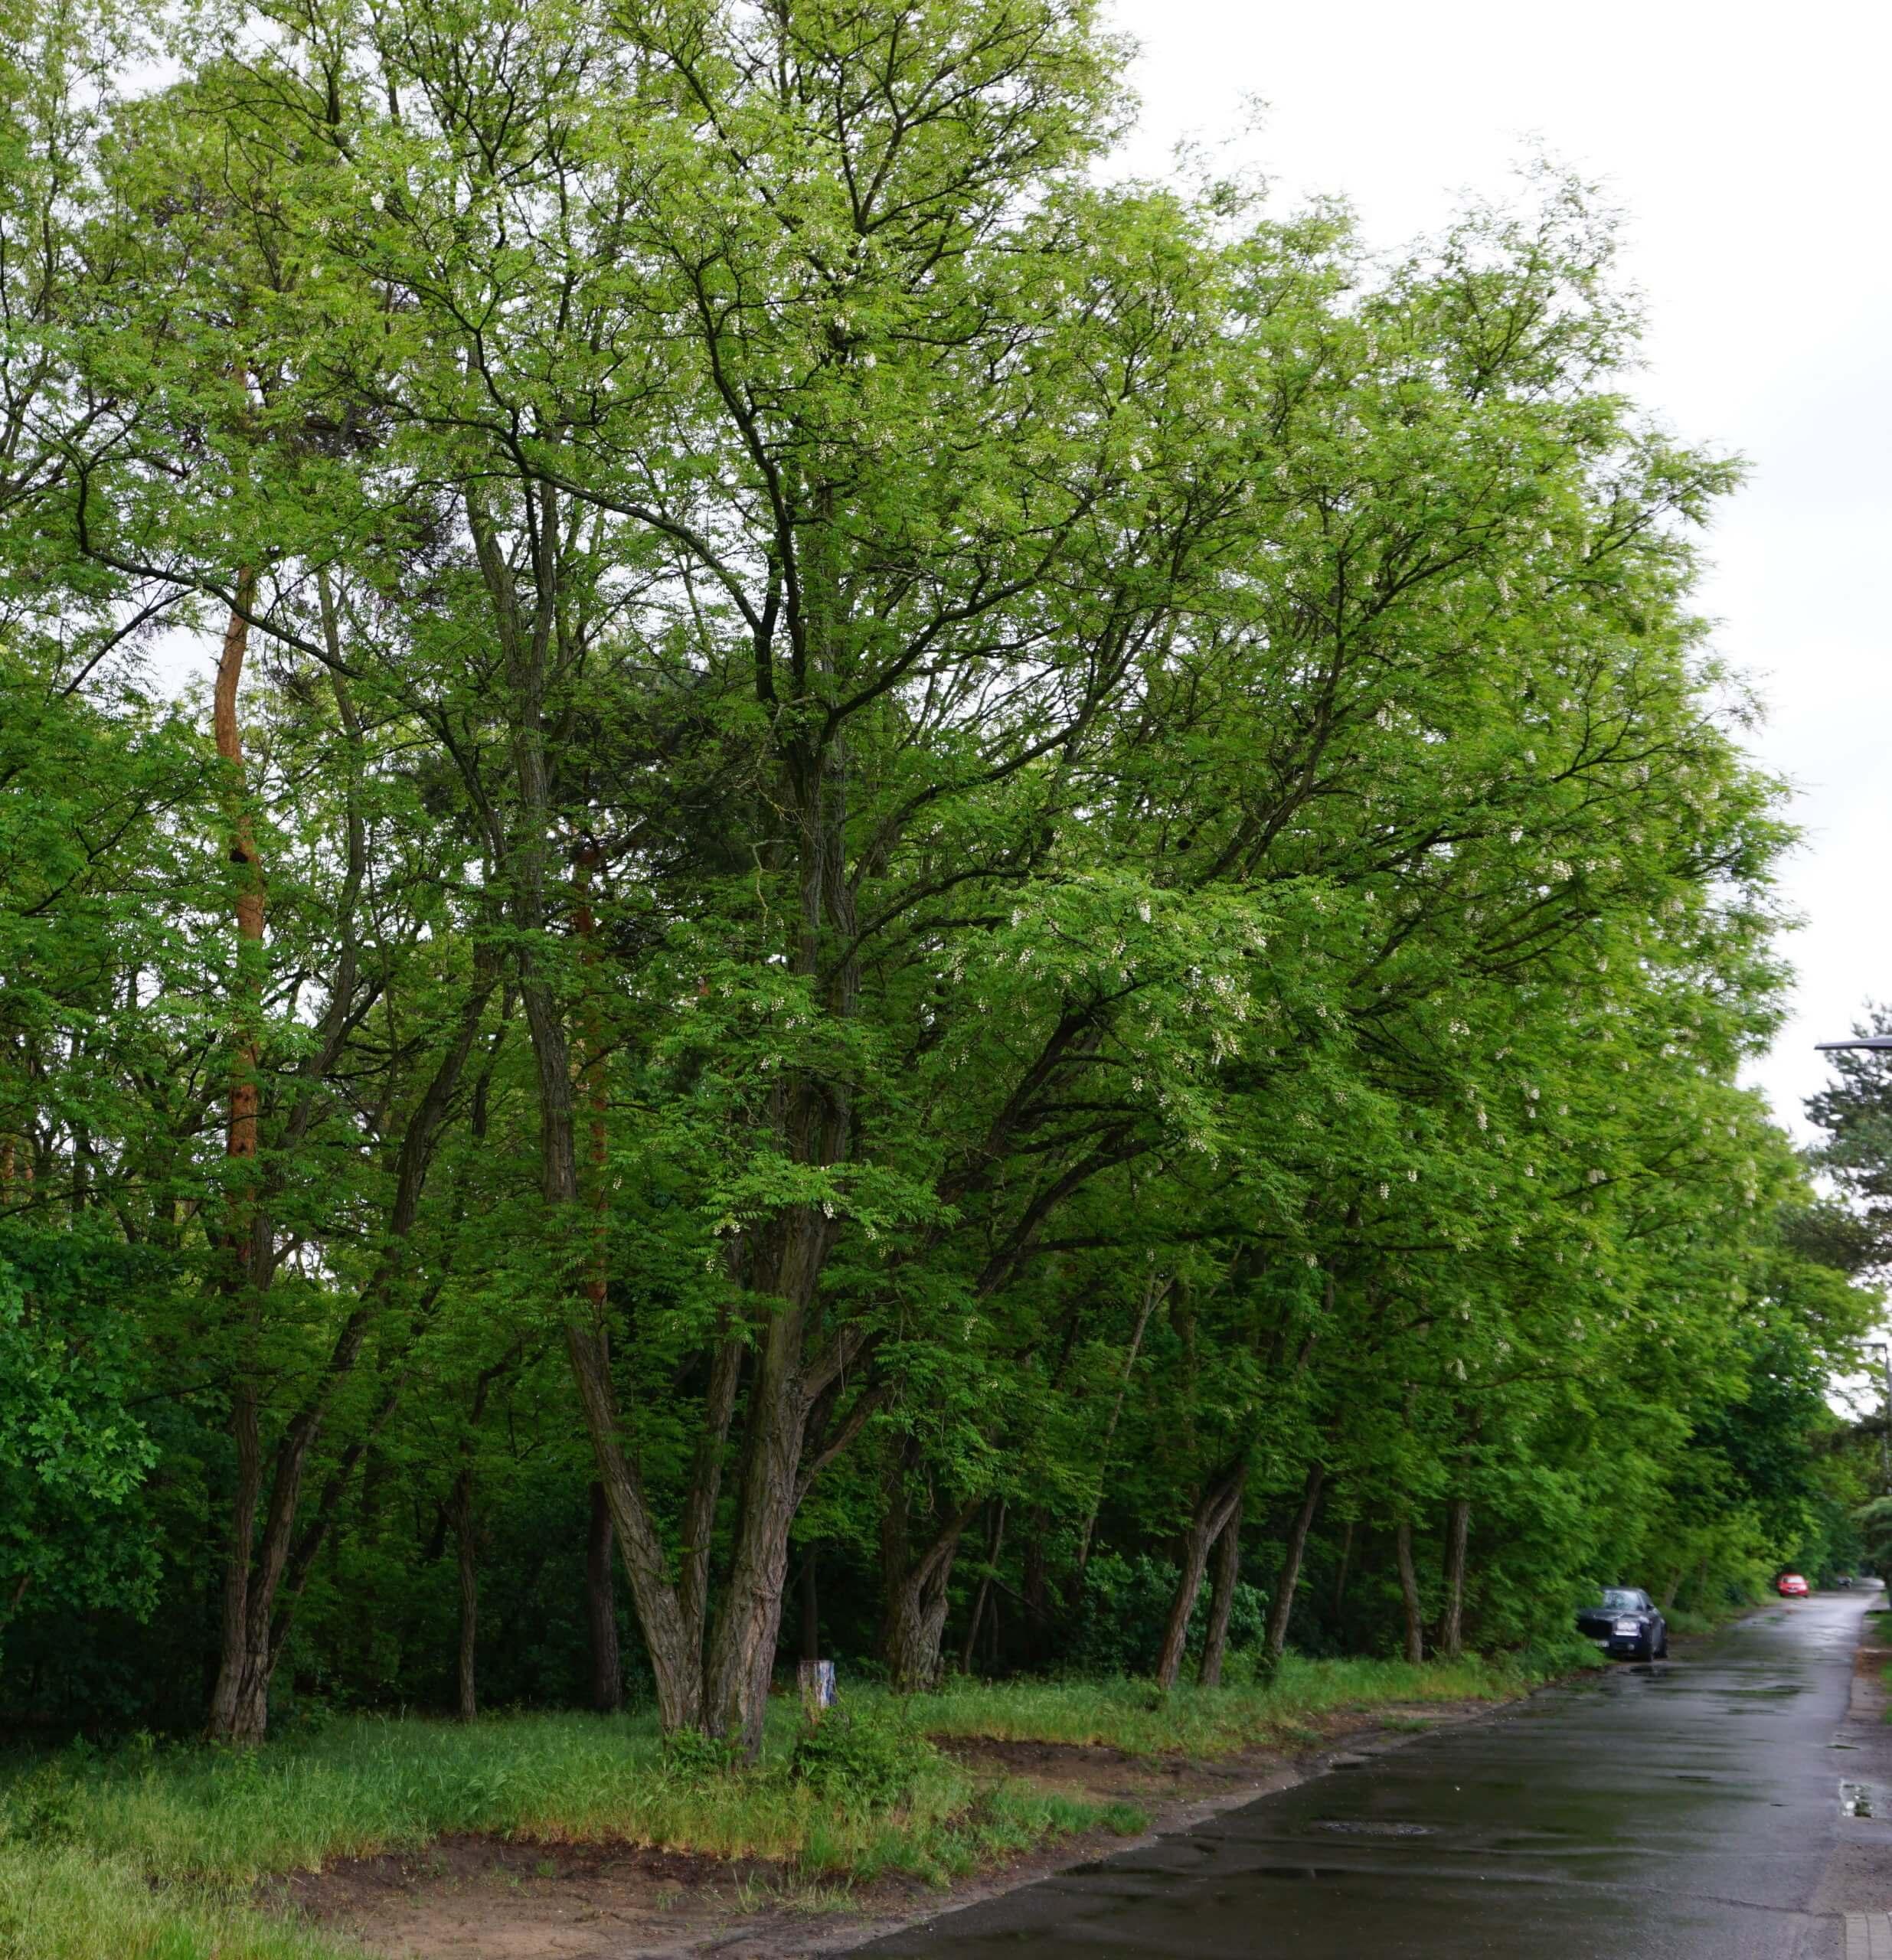 Das Bild zeigt mehrere Robinien in einem Streifen, der einen Waldrand hin zu offenem Gelände mit Straße und einem Wohngebiet abgrenzt - bei Grüne Trift am Walde (Köpenick).